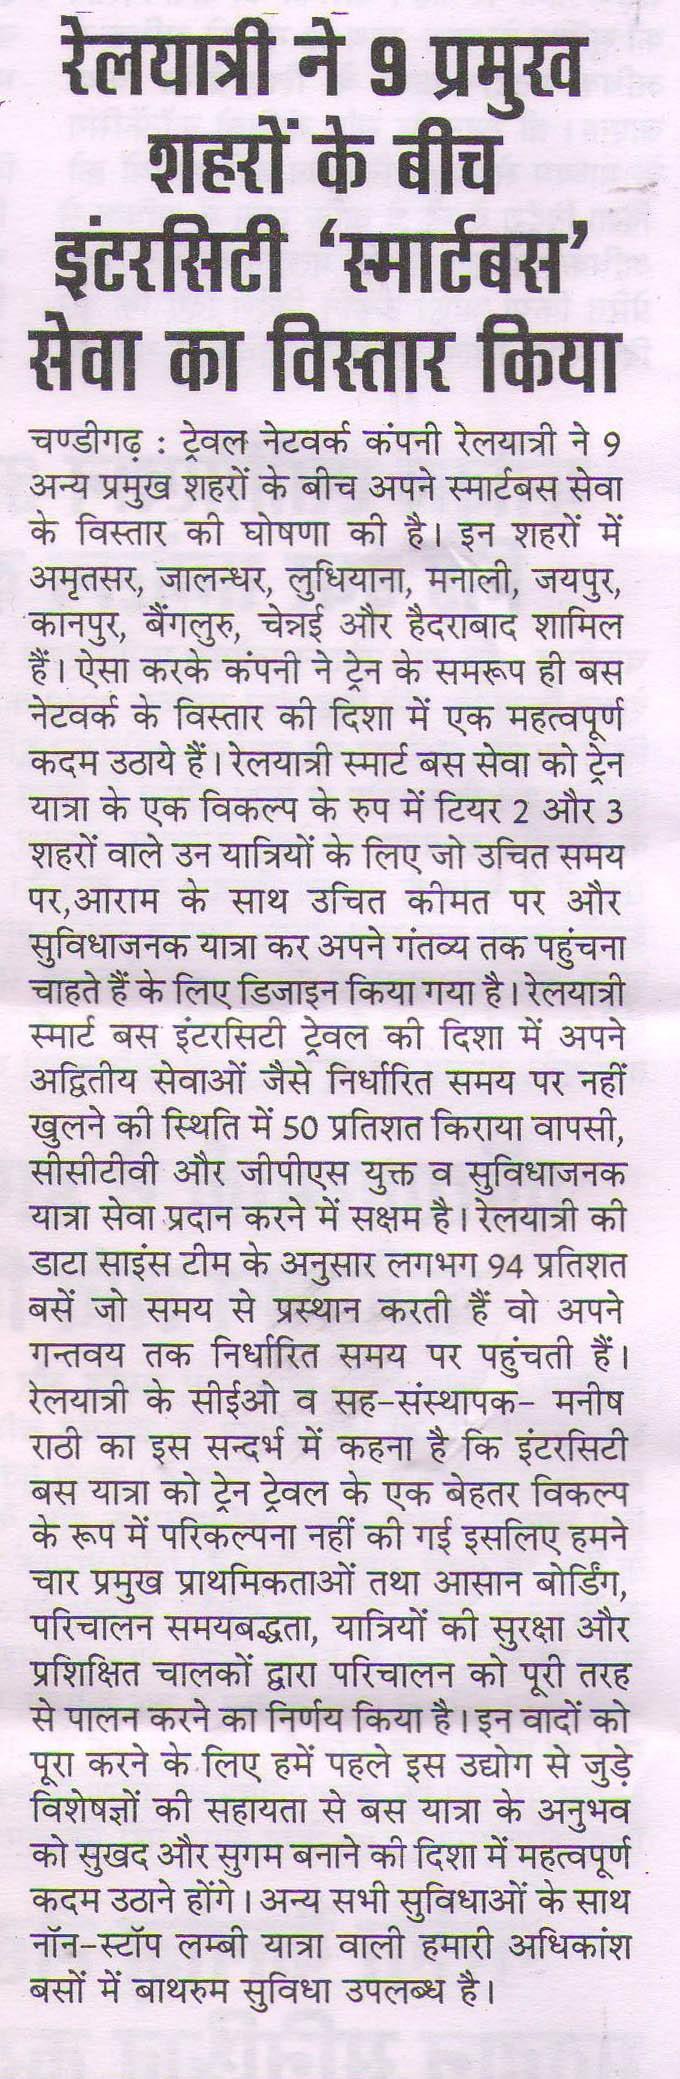 Chandigarh darshan 1561111515